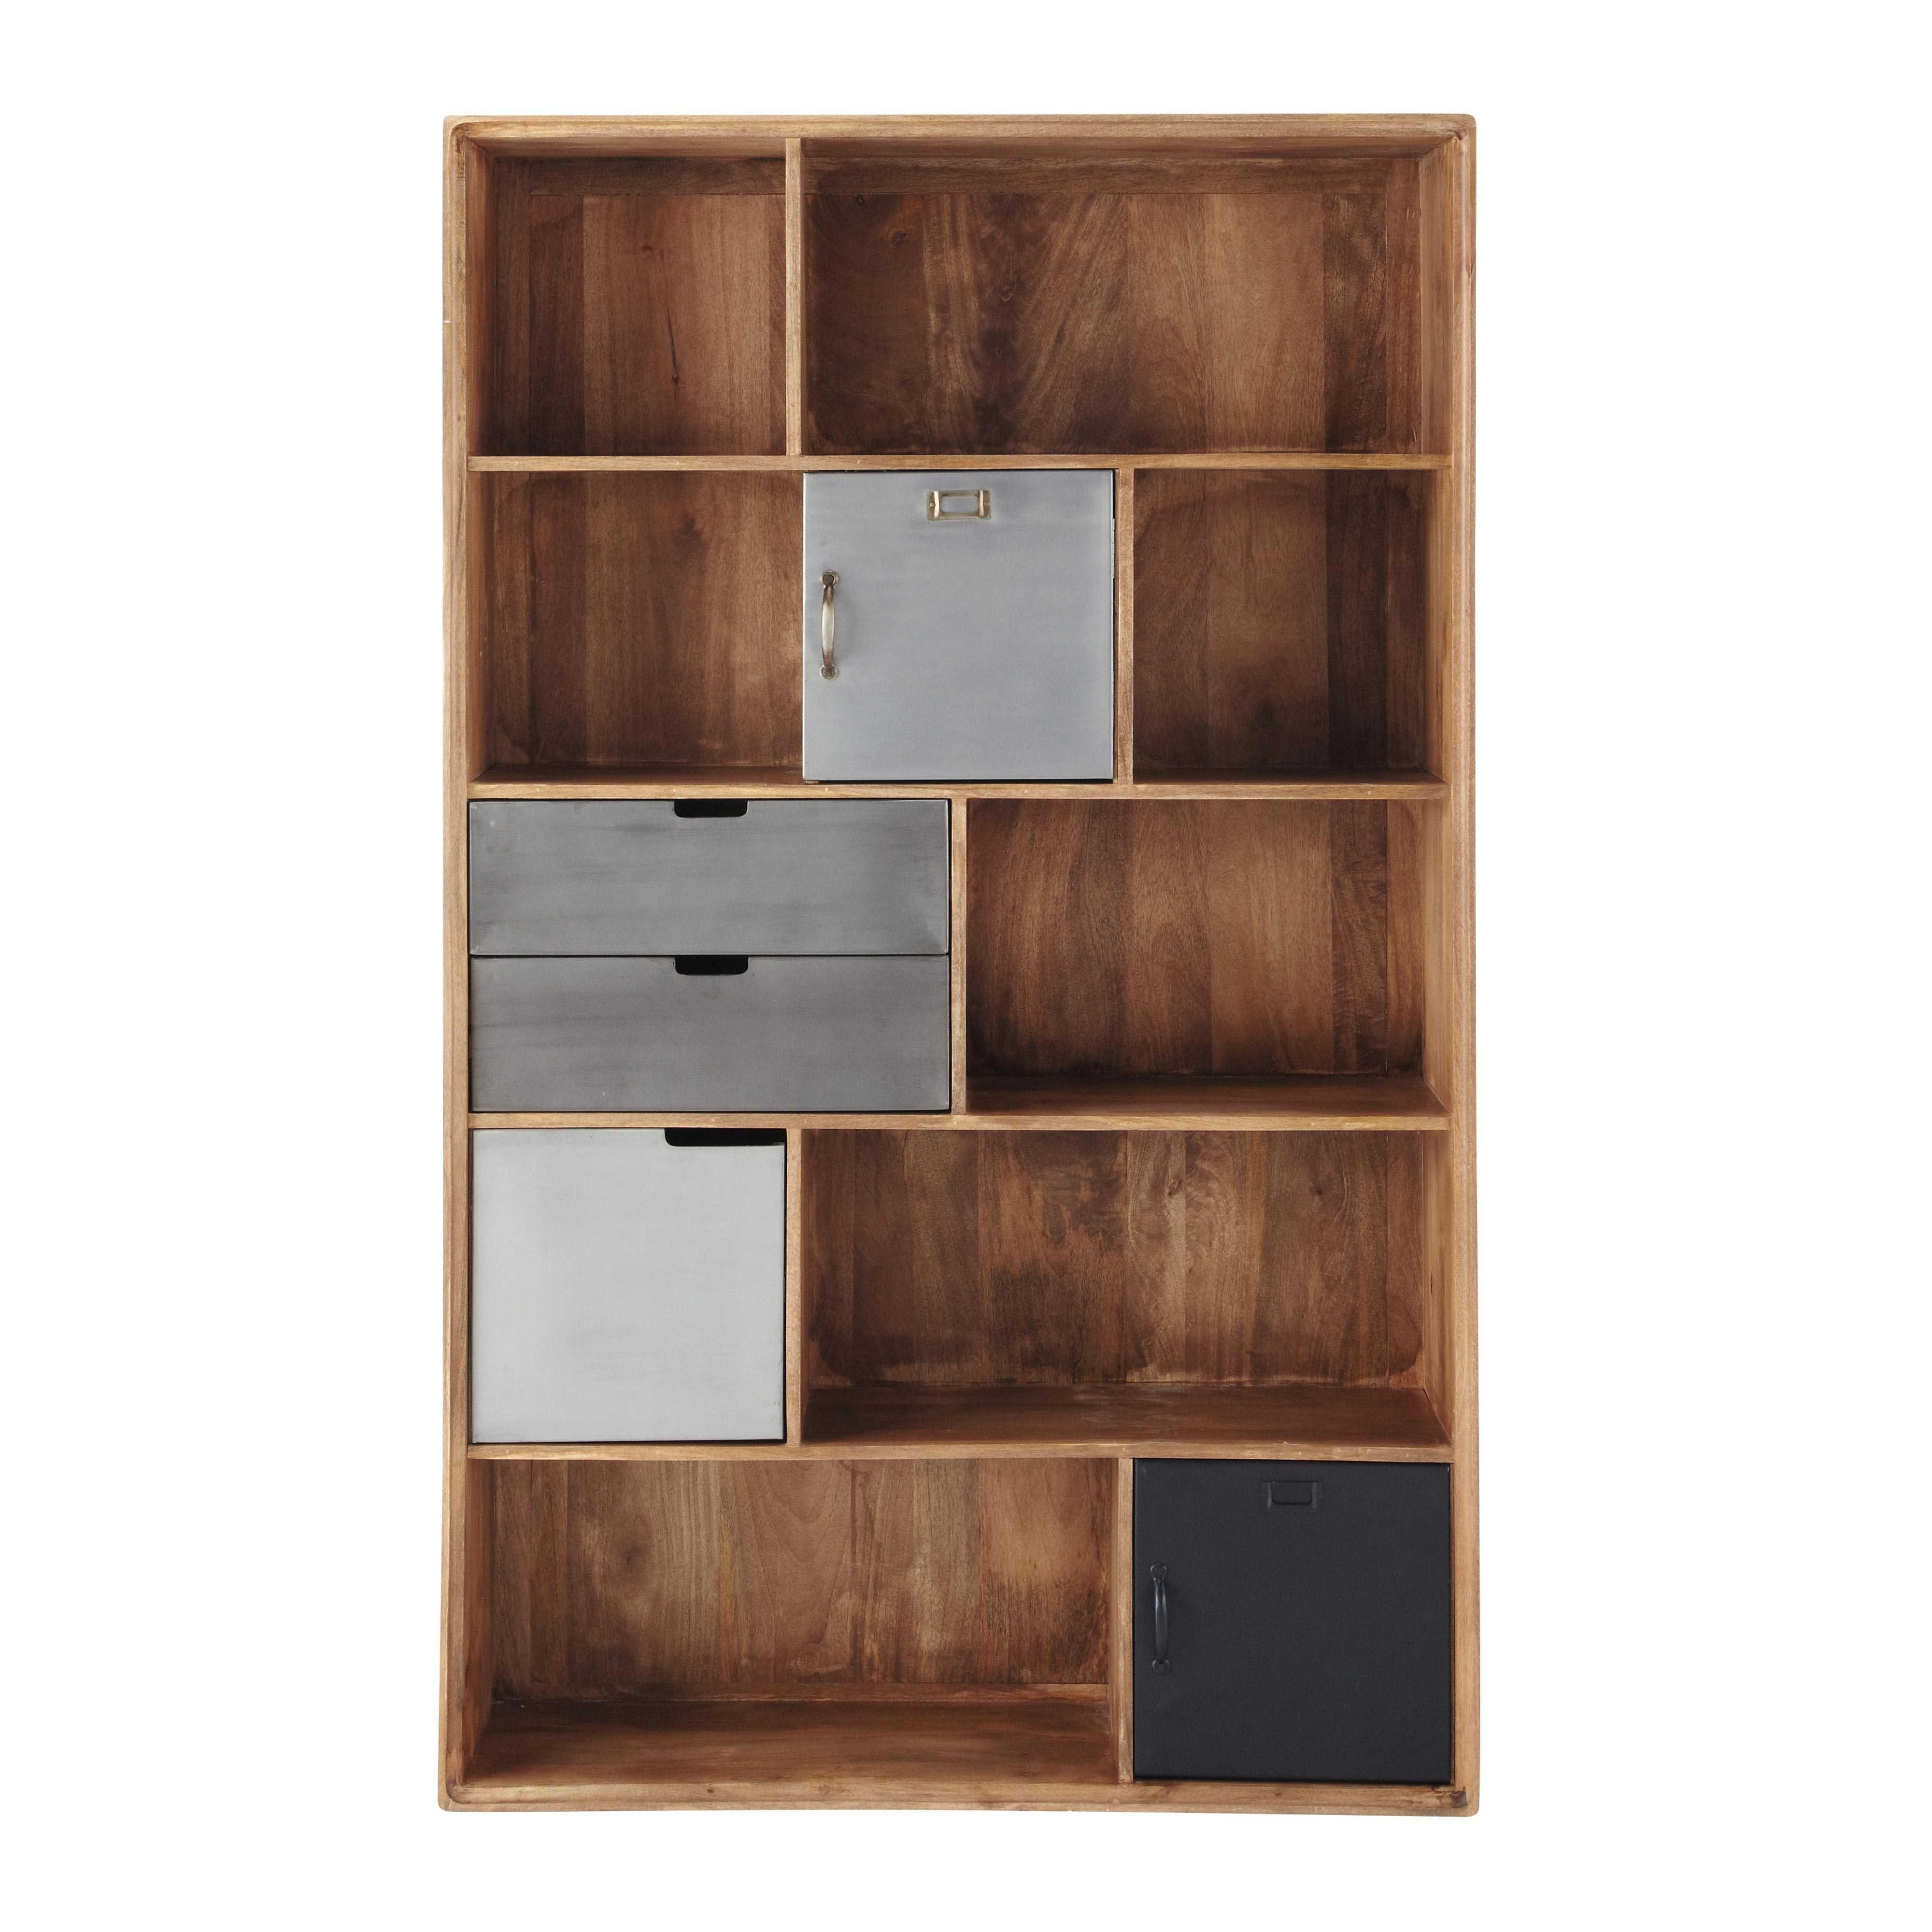 Bücherregale Metall bücherregal im industrial stil bücherregale metall und wohnzimmer